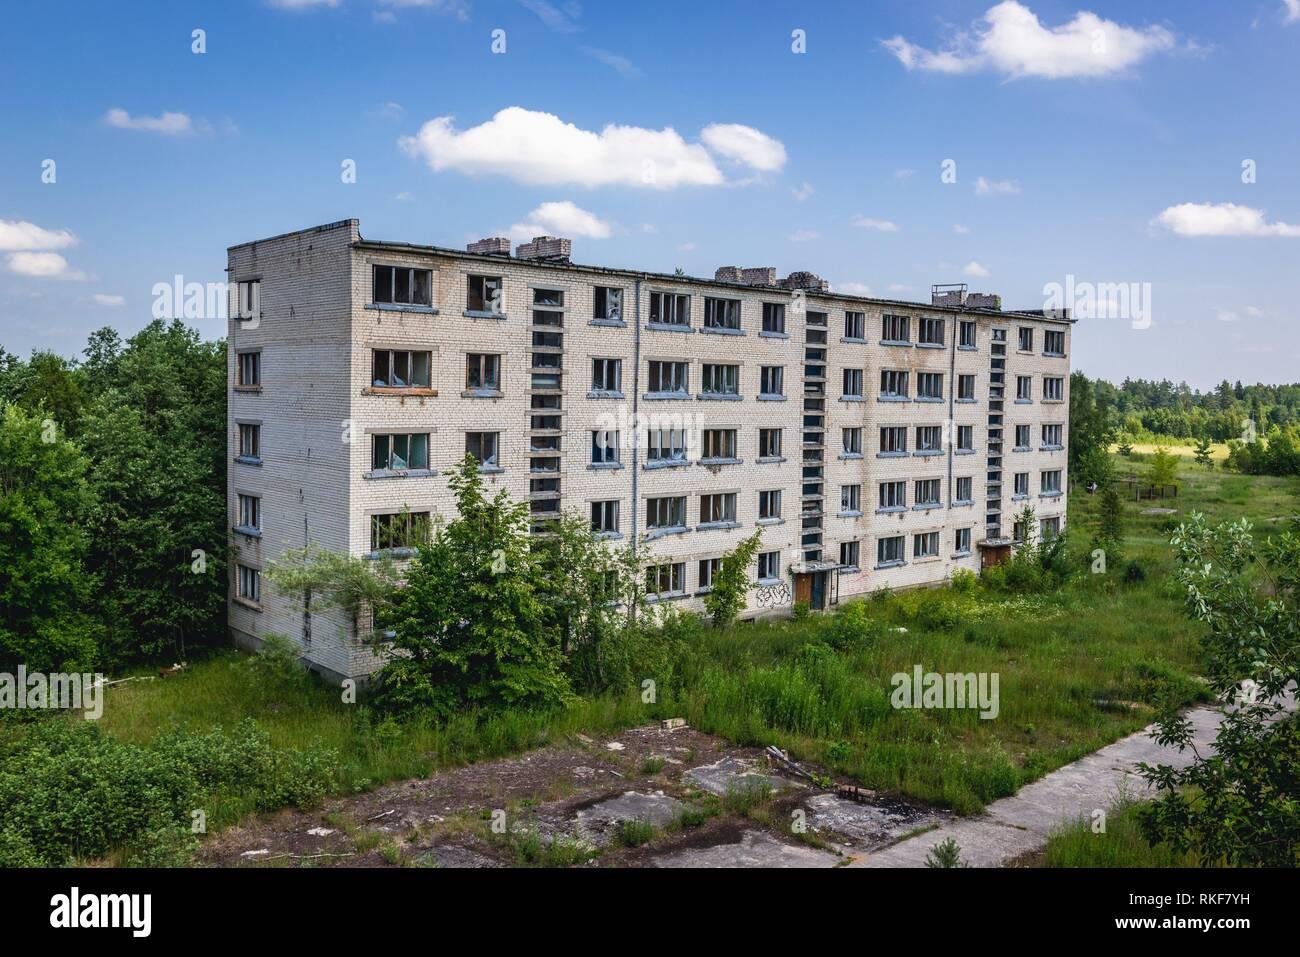 Skrunda-1 Ghost Town, antiguo emplazamiento de la estación de radar de Dniéper soviético desde el período de la guerra fría, cerca de la ciudad de Skrunda en Letonia. Imagen De Stock